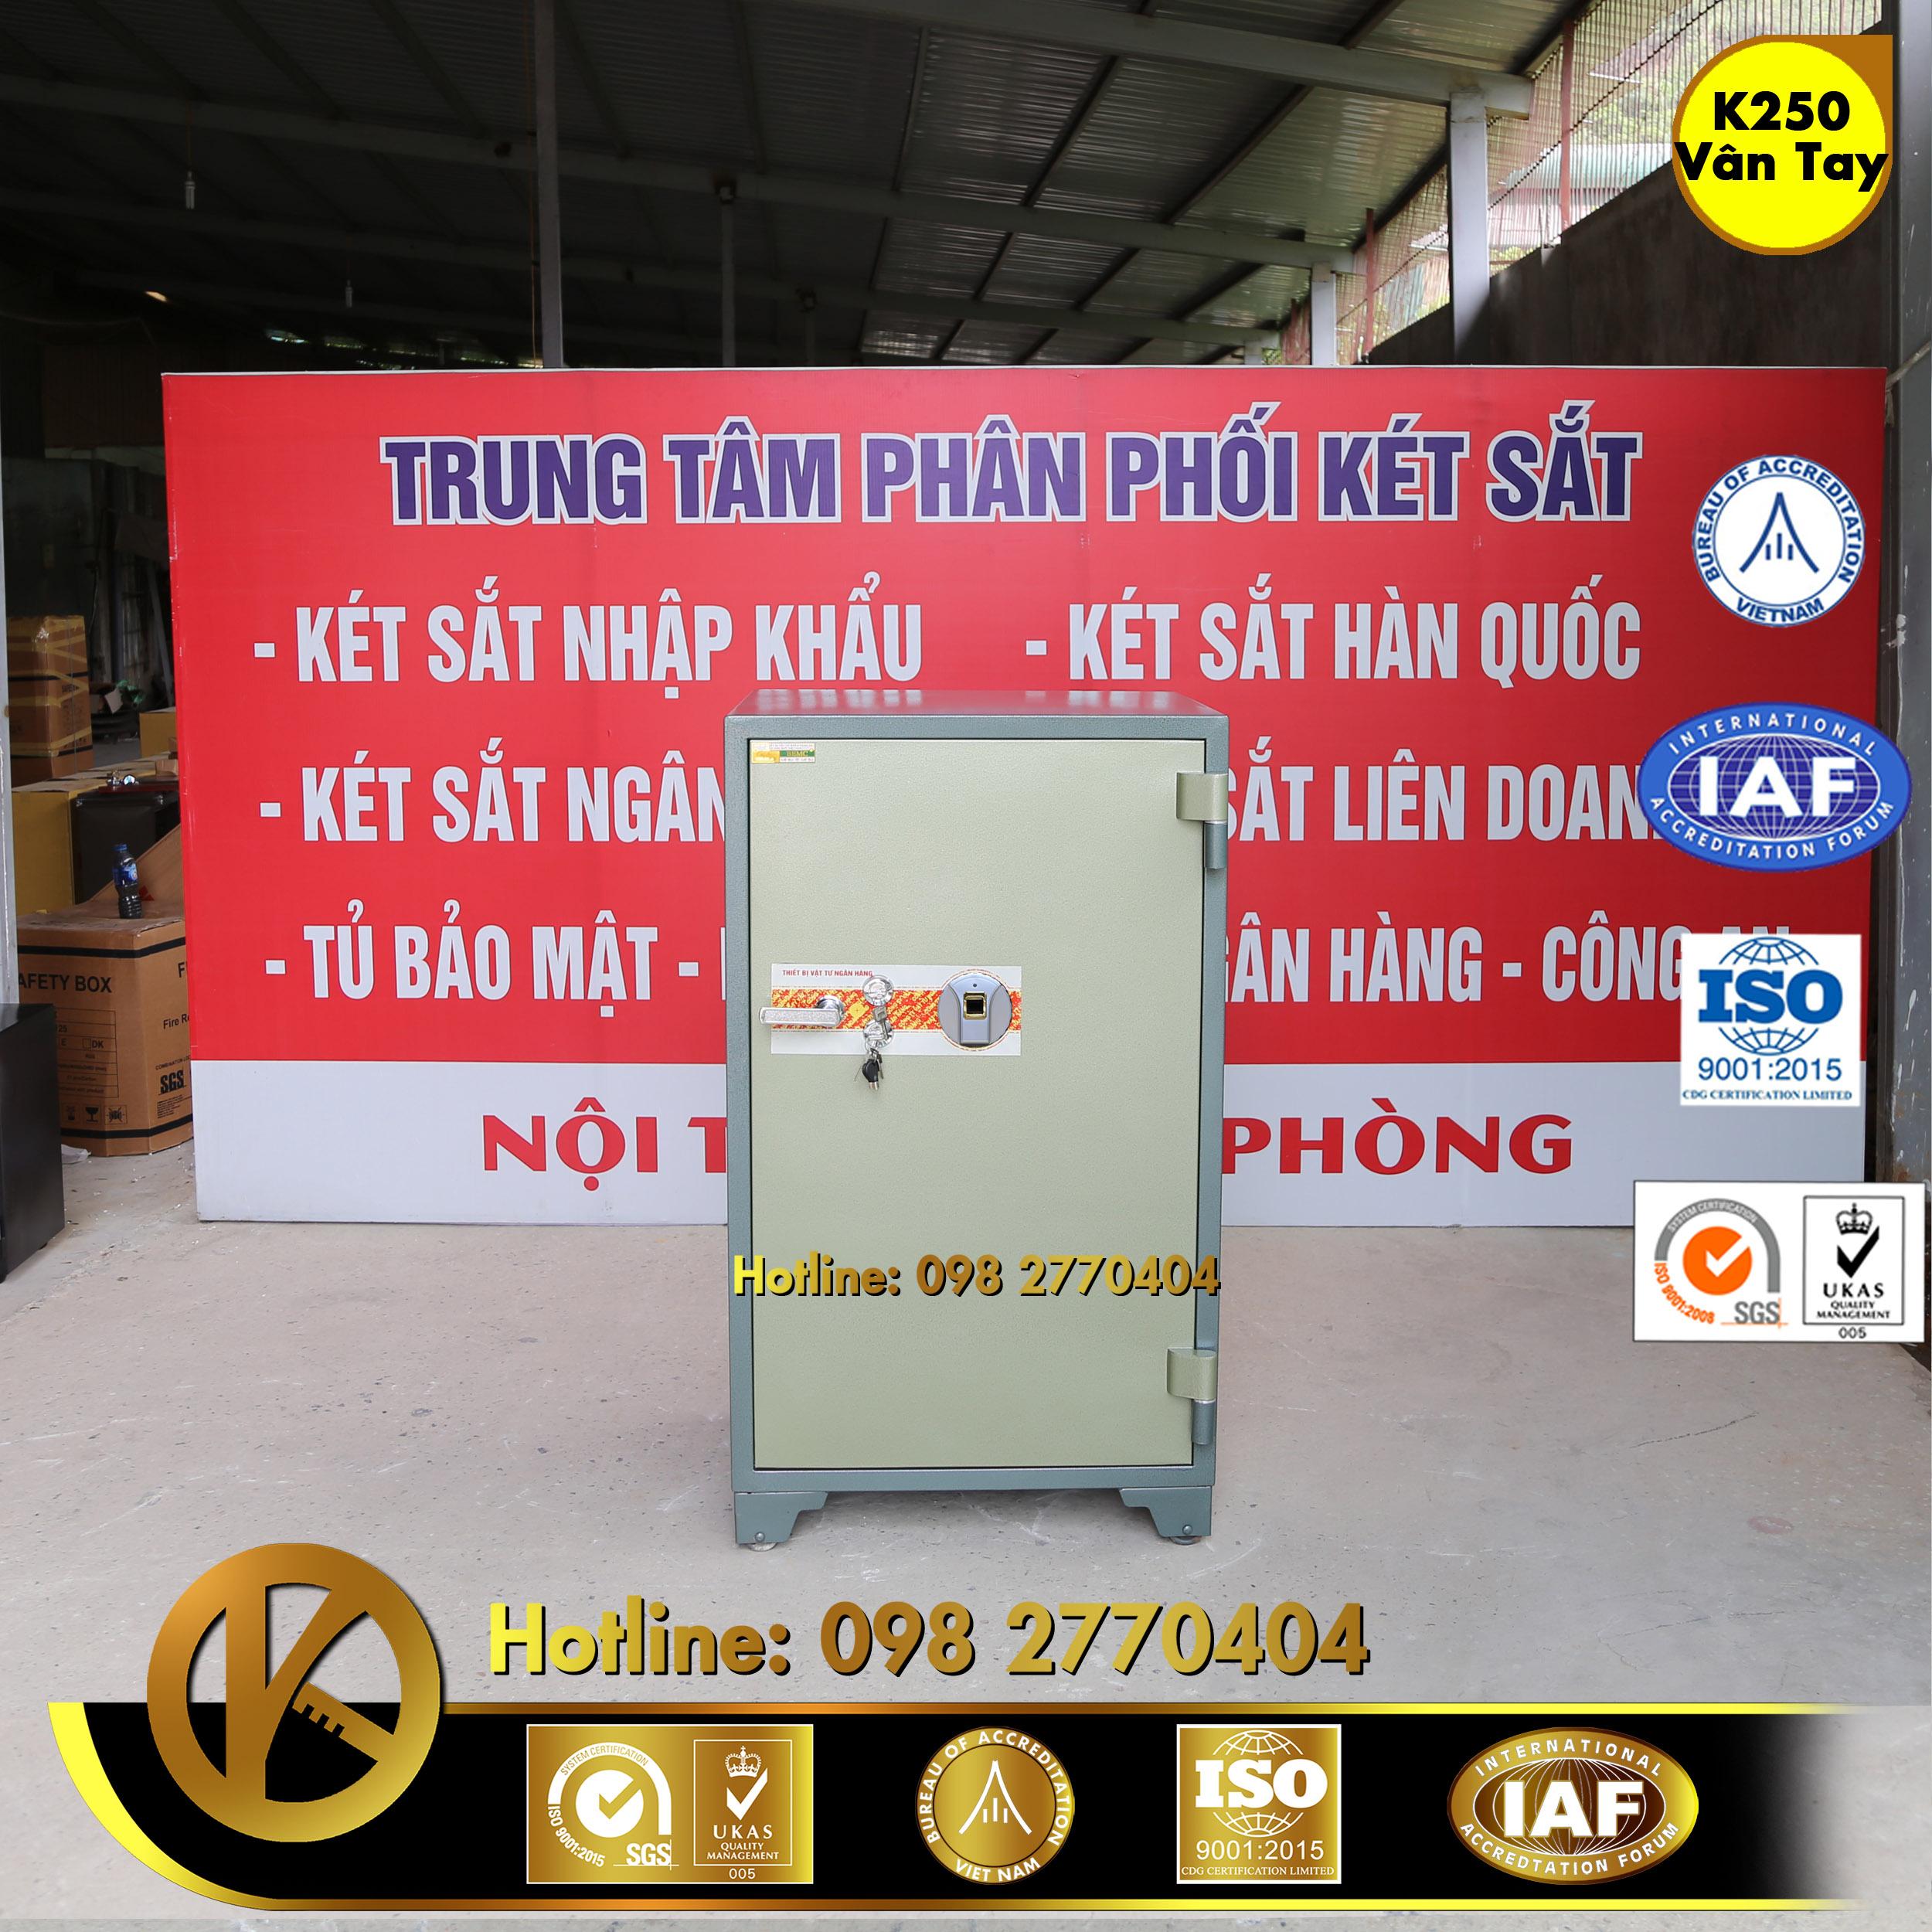 KÉT SẮT NGÂN HÀNG K250 Khoá Vân Tay